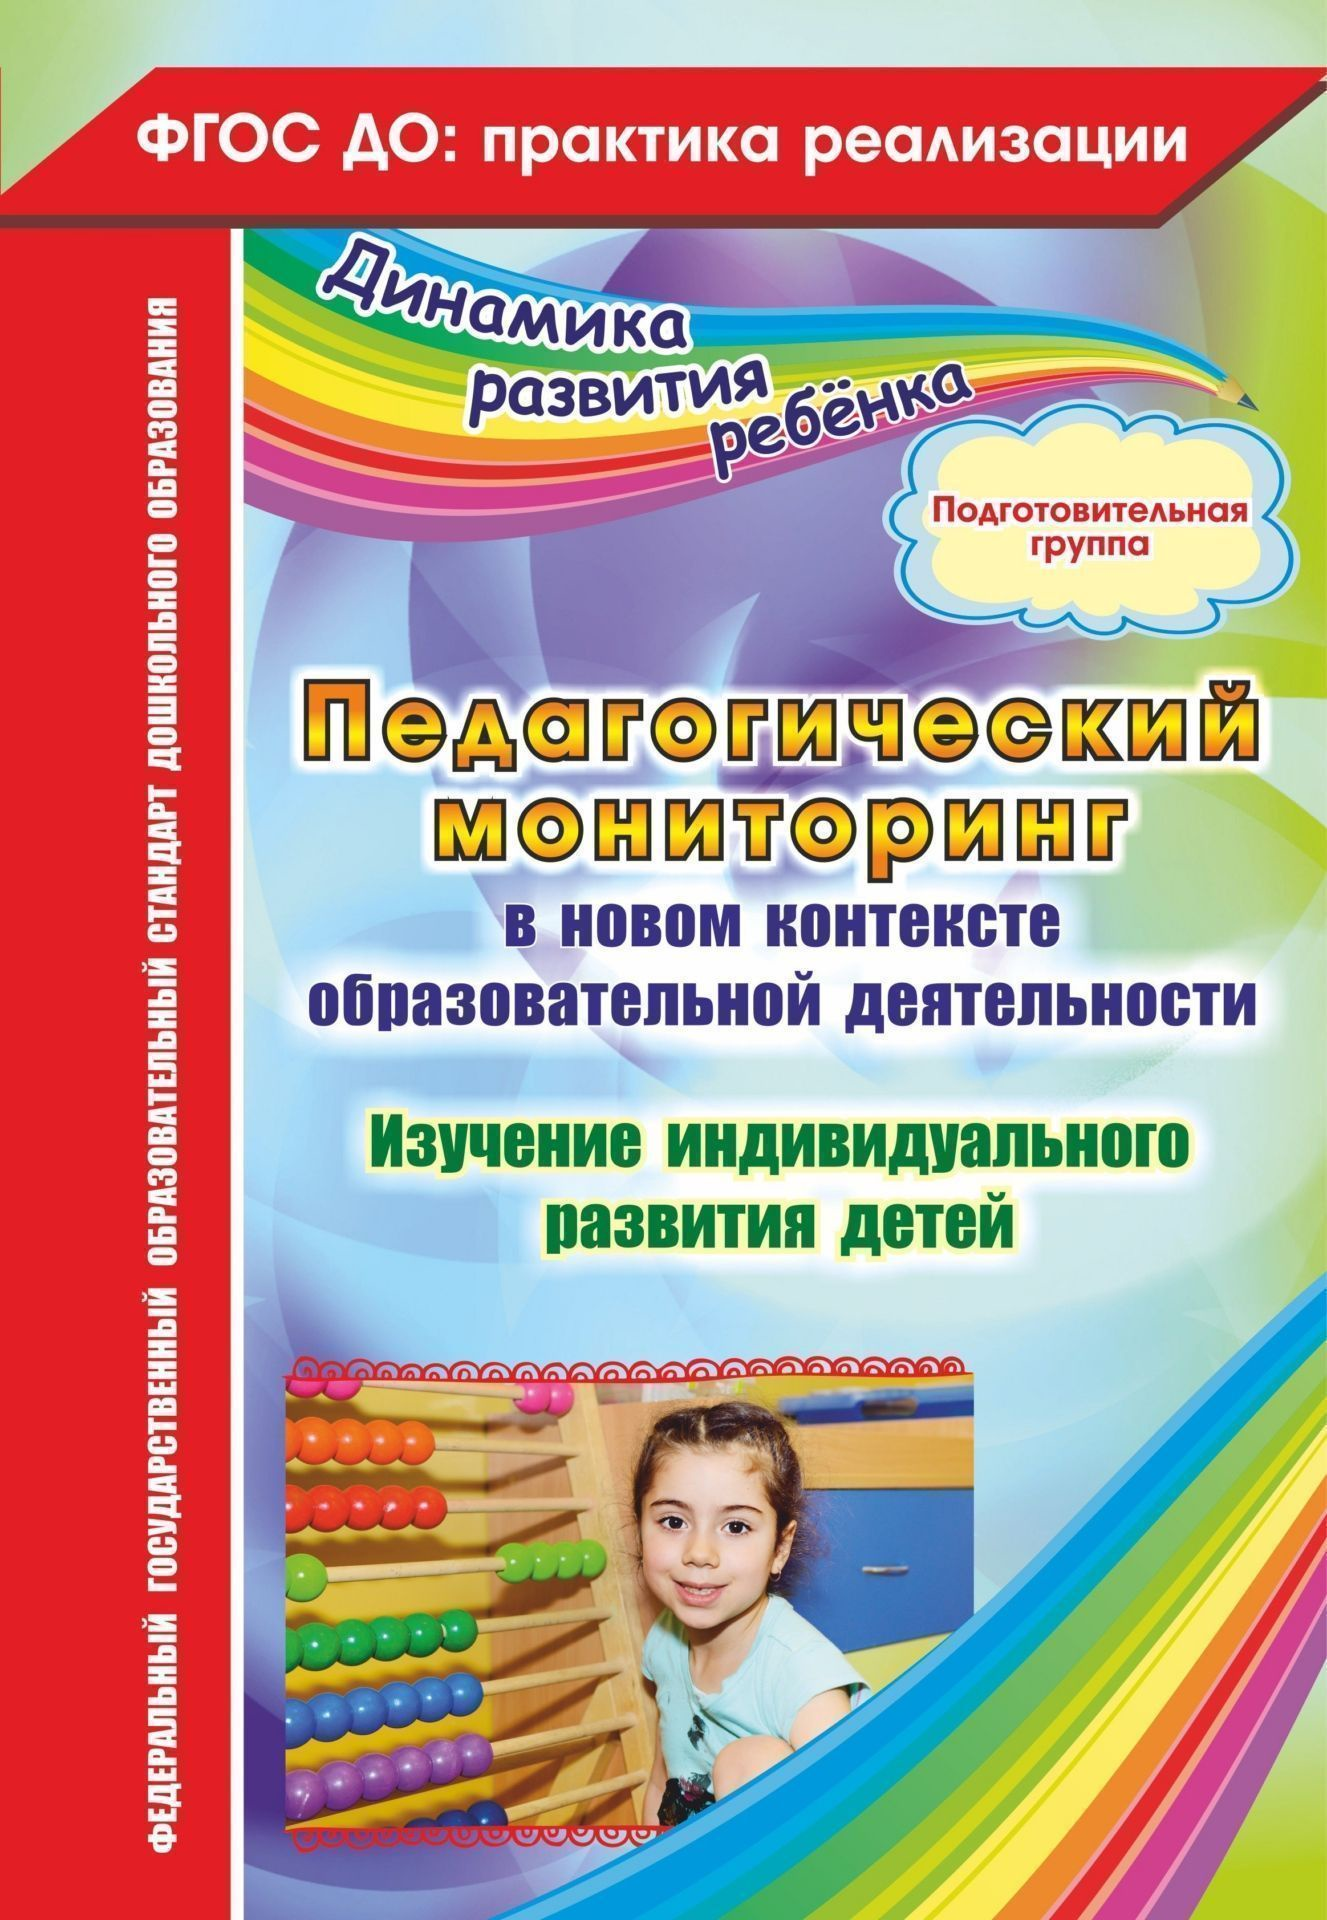 Ю. А. Афонькина Педагогический мониторинг в новом контексте образовательной деятельности. Изучение индивидуального развития детей. Подготовительная группа